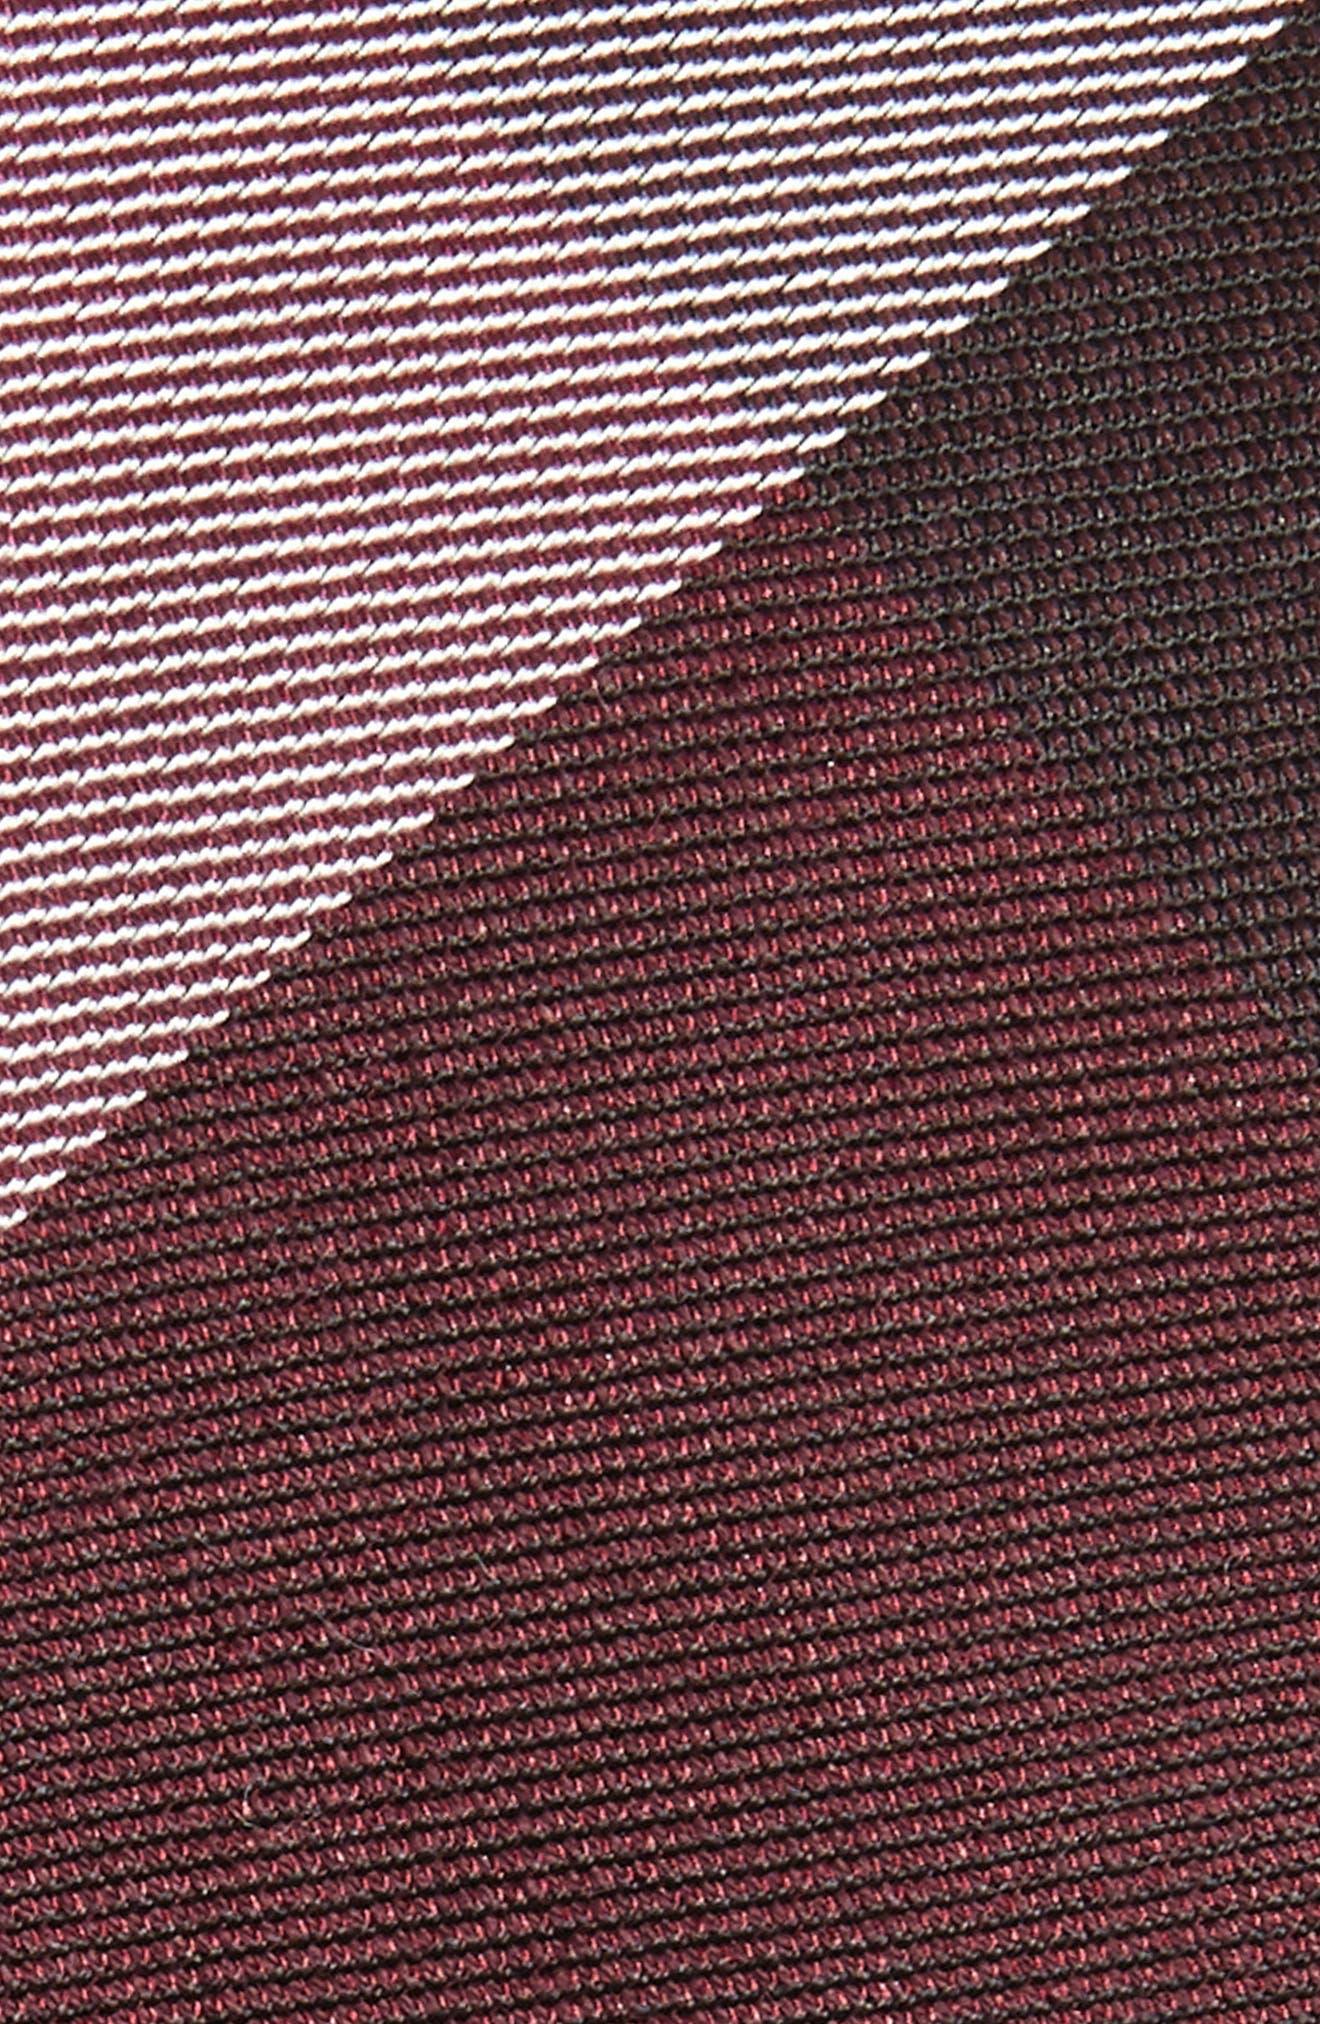 West Bison Plaid Wool & Silk Skinny Tie,                             Alternate thumbnail 2, color,                             Burgundy